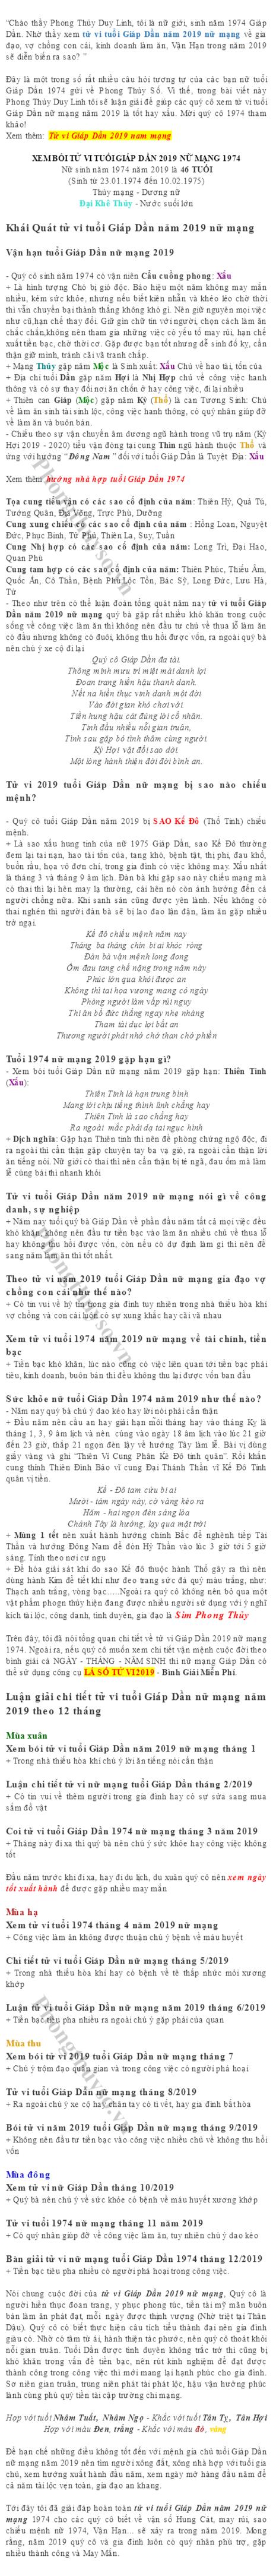 tu-vi-tuoi-giap-dan-nam-2019-nu-mang